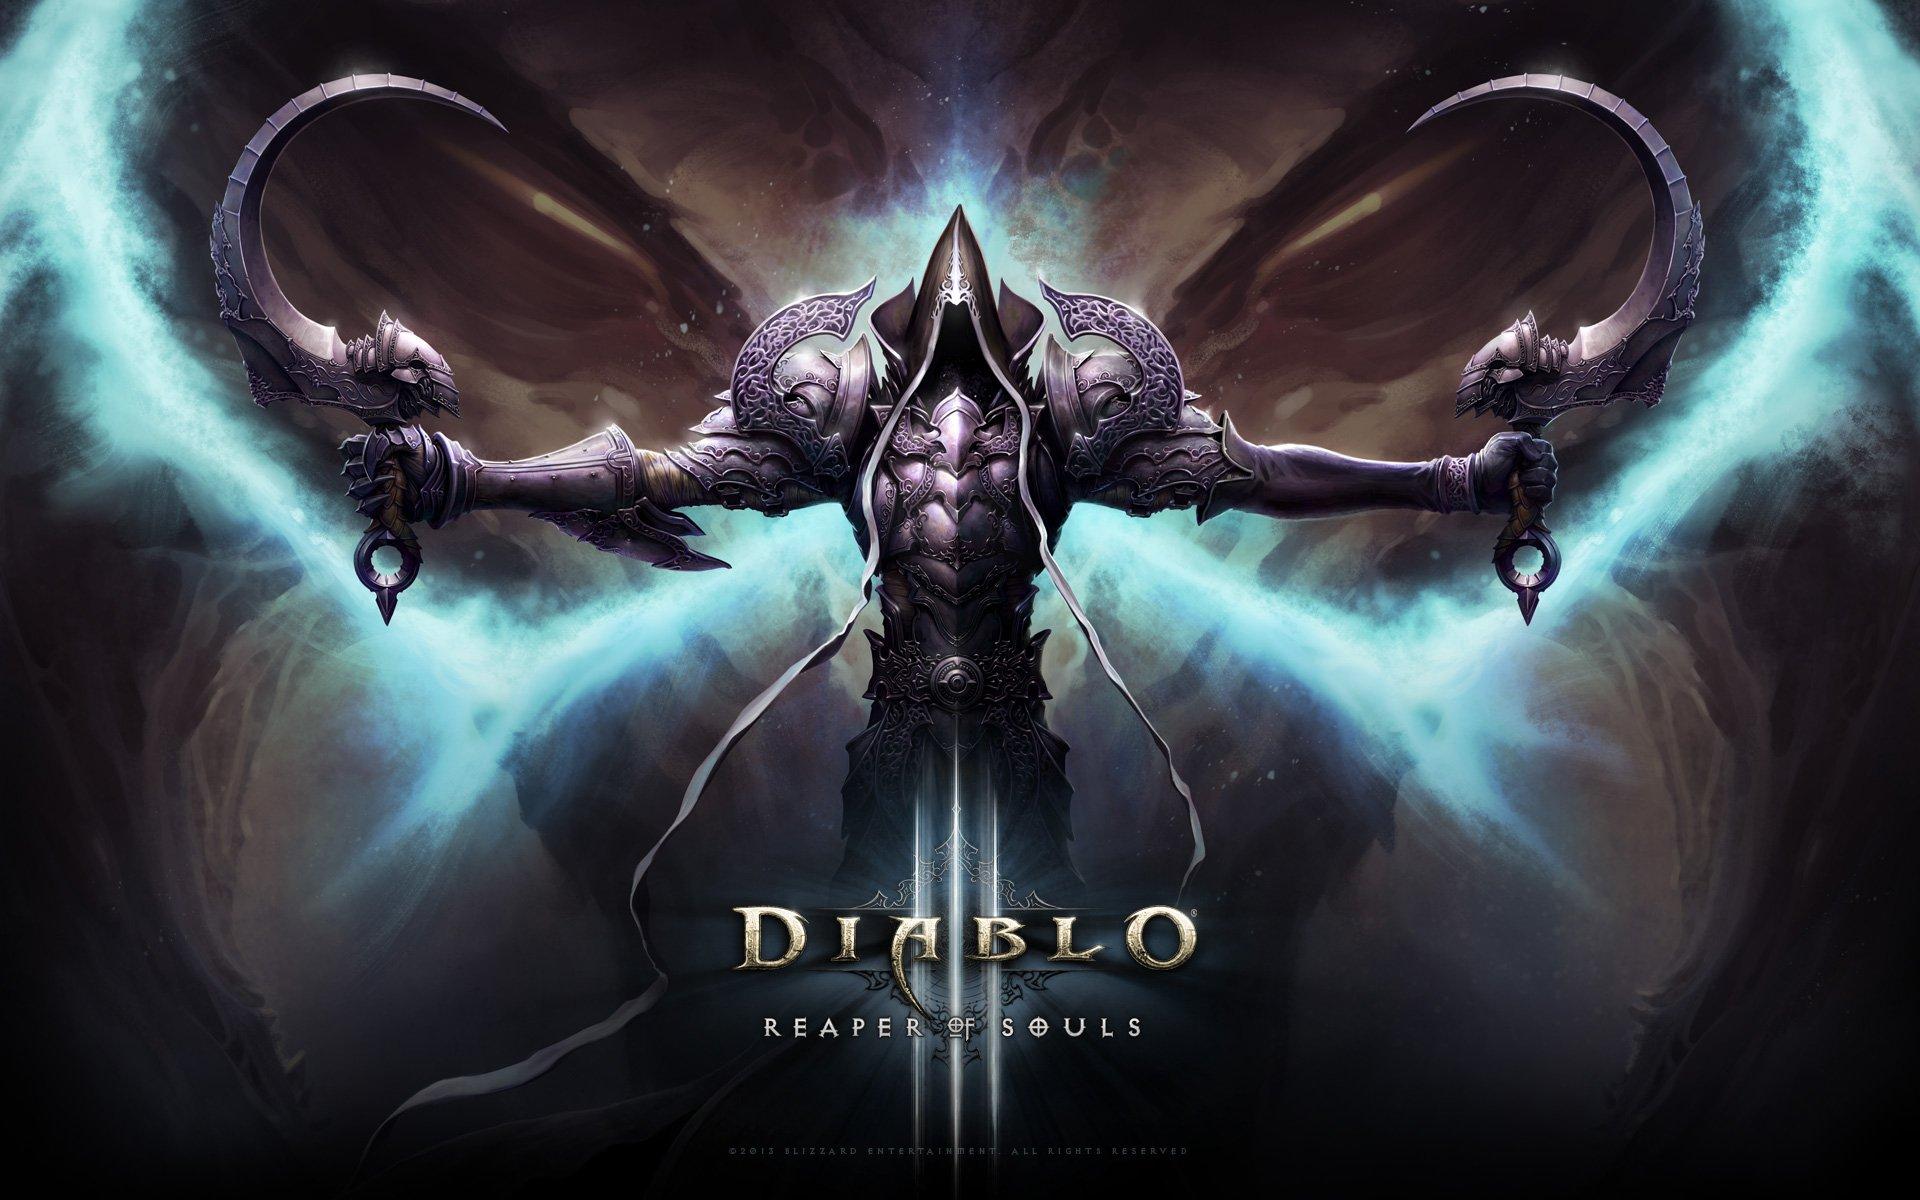 Diablo III: Reaper of Souls Malthael Wallpaper